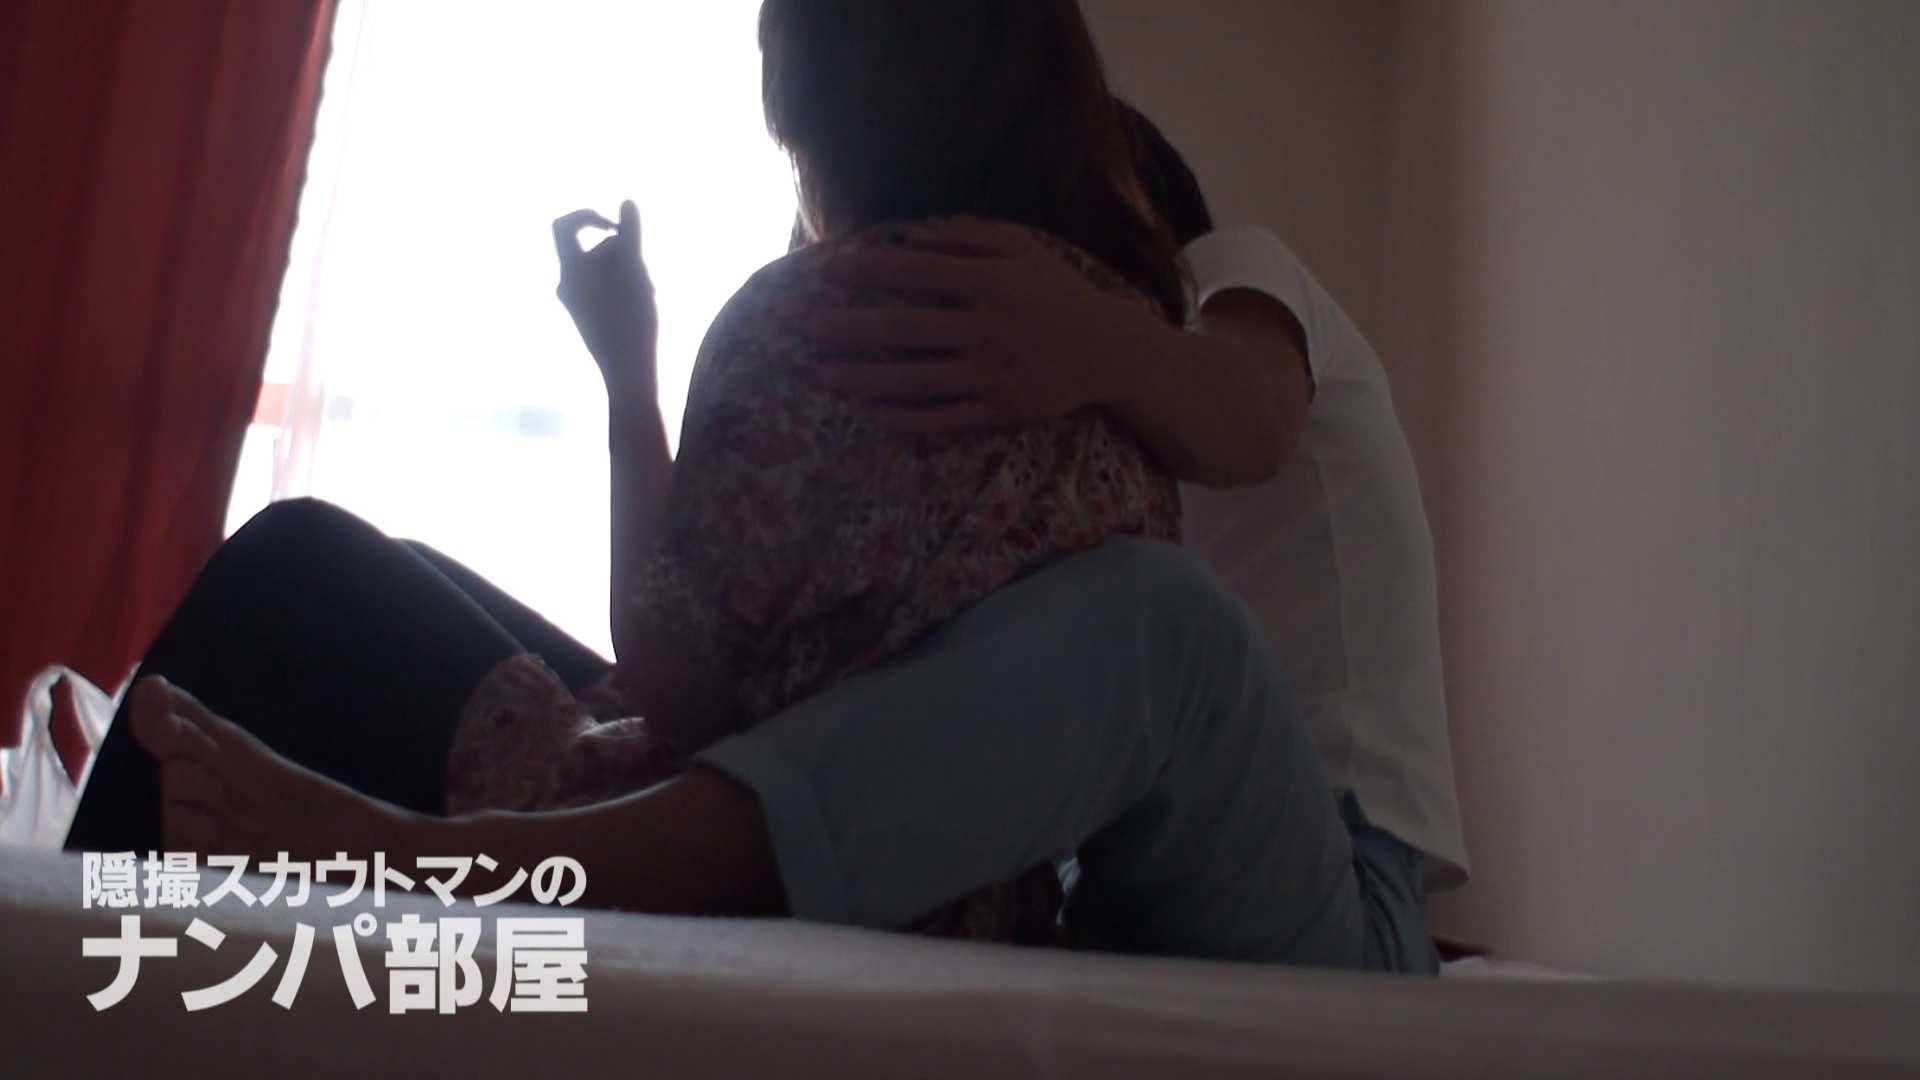 隠撮スカウトマンのナンパ部屋~風俗デビュー前のつまみ食い~ sii 隠撮  84連発 26